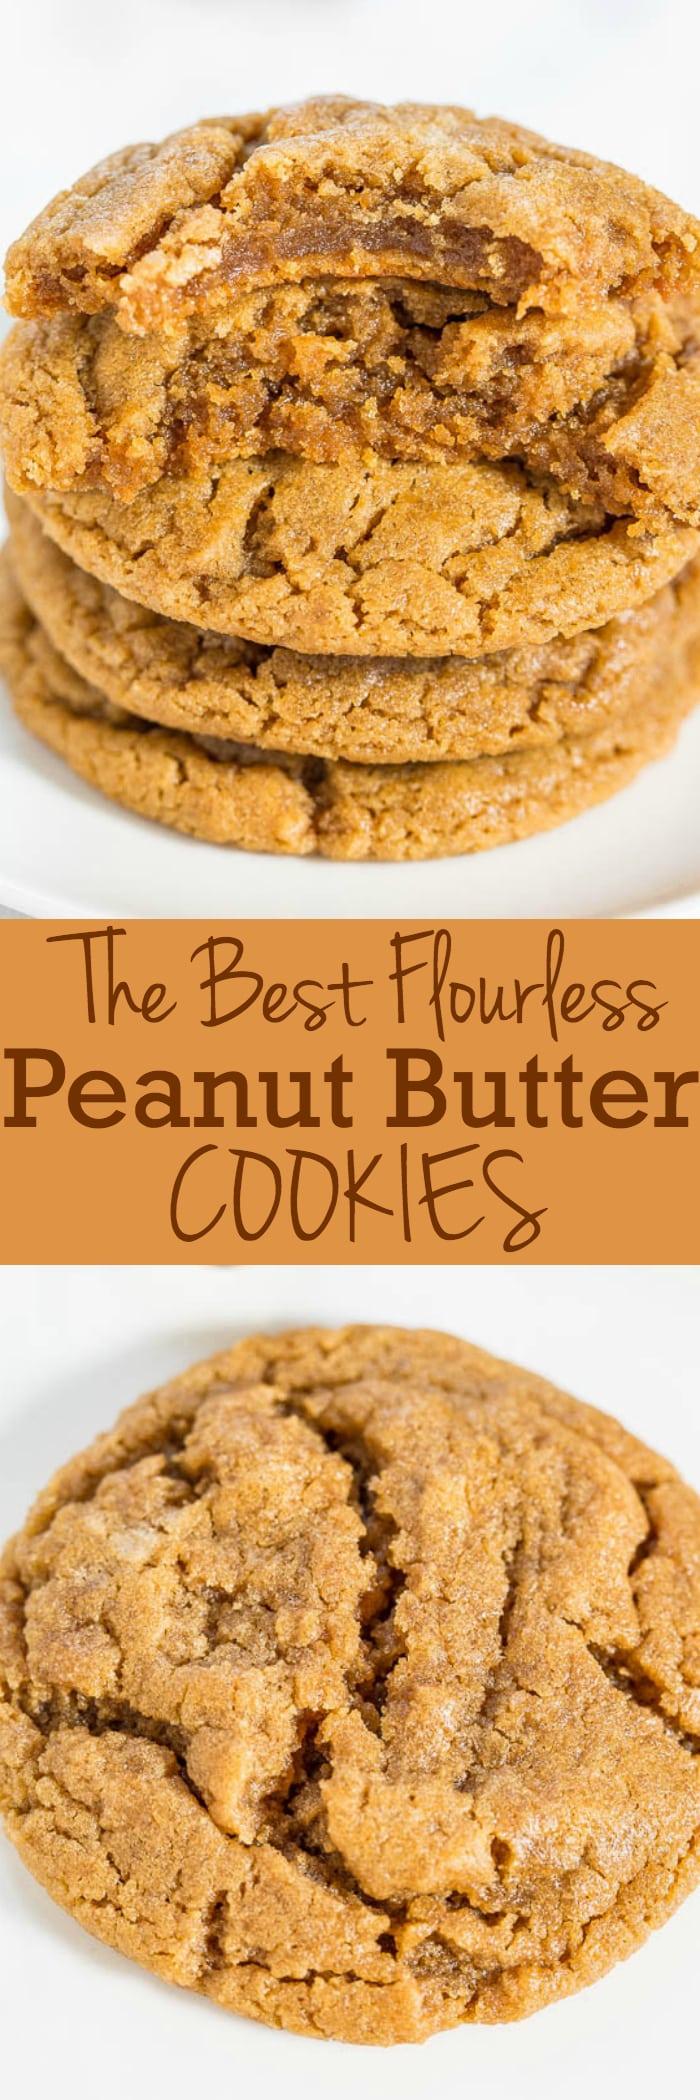 The Best Flourless Peanut Butter Cookies